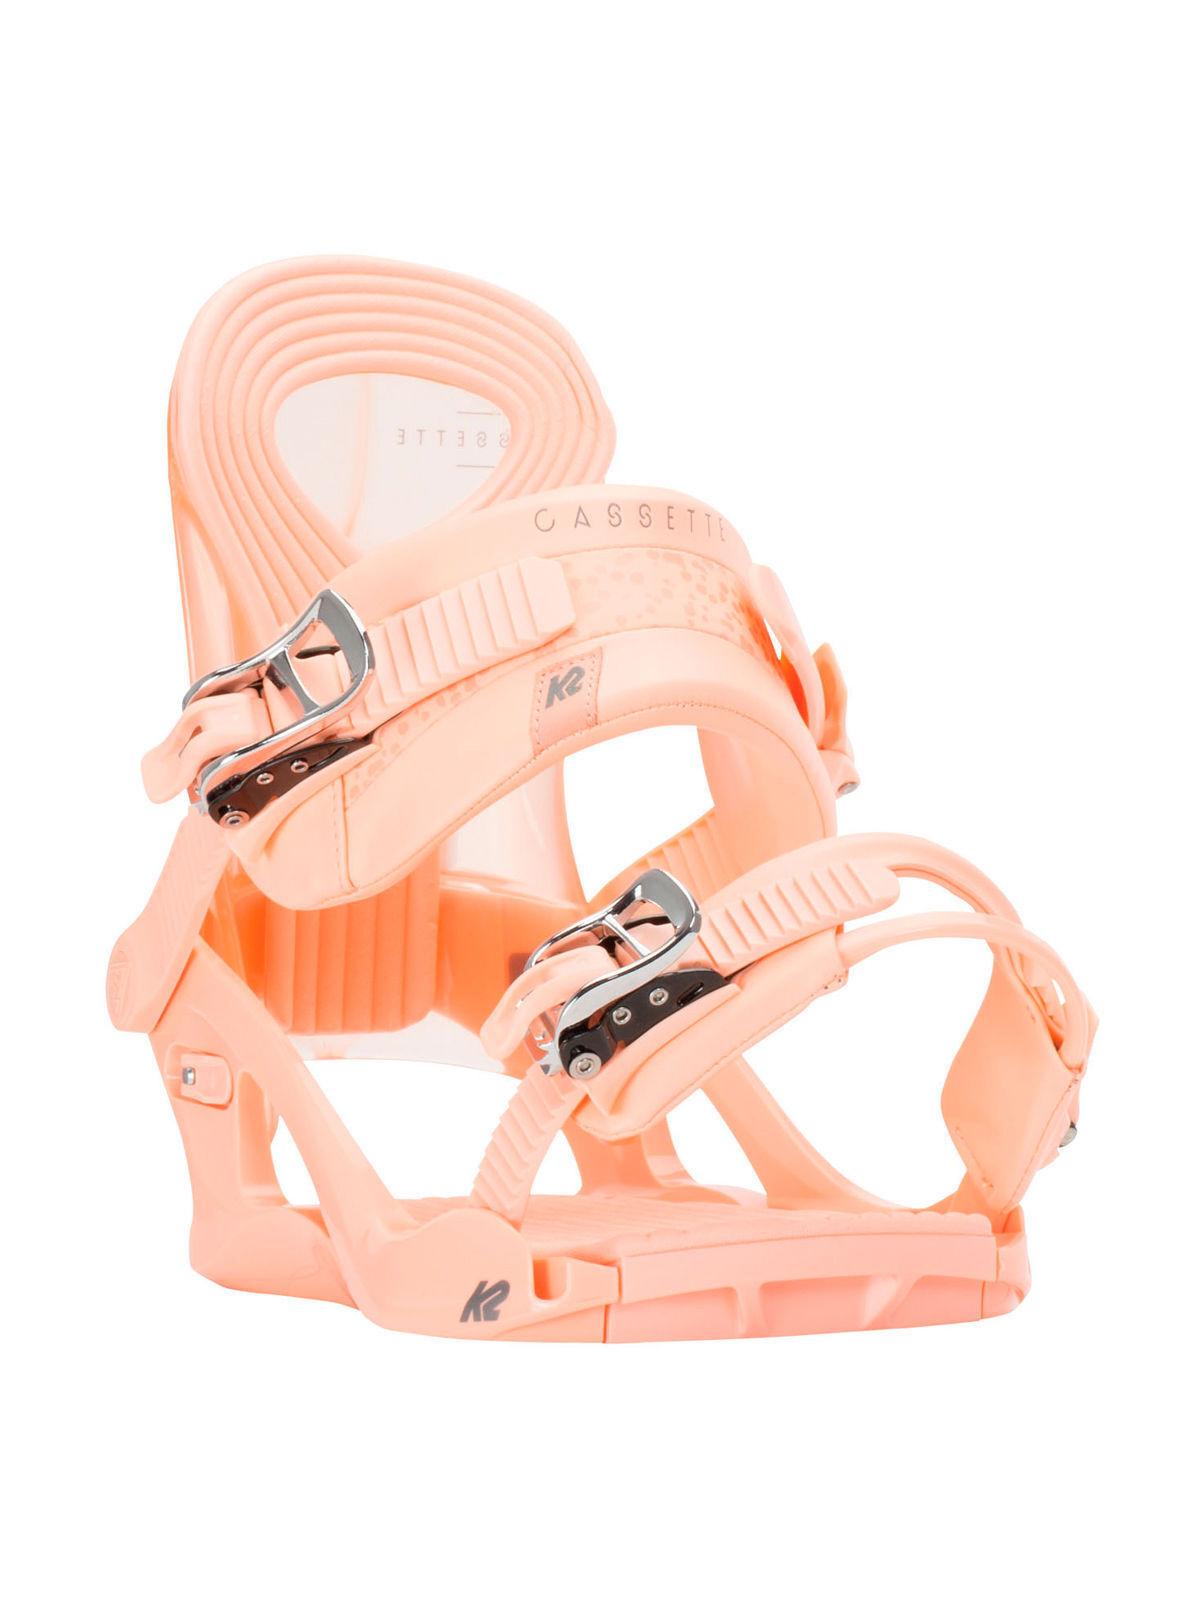 K2 Cassette Cassette Cassette Snowboard Bindung Gr. M für Stiefel Größe 36 - 40 K2 Snowboardbinding  | Überlegen  546f16